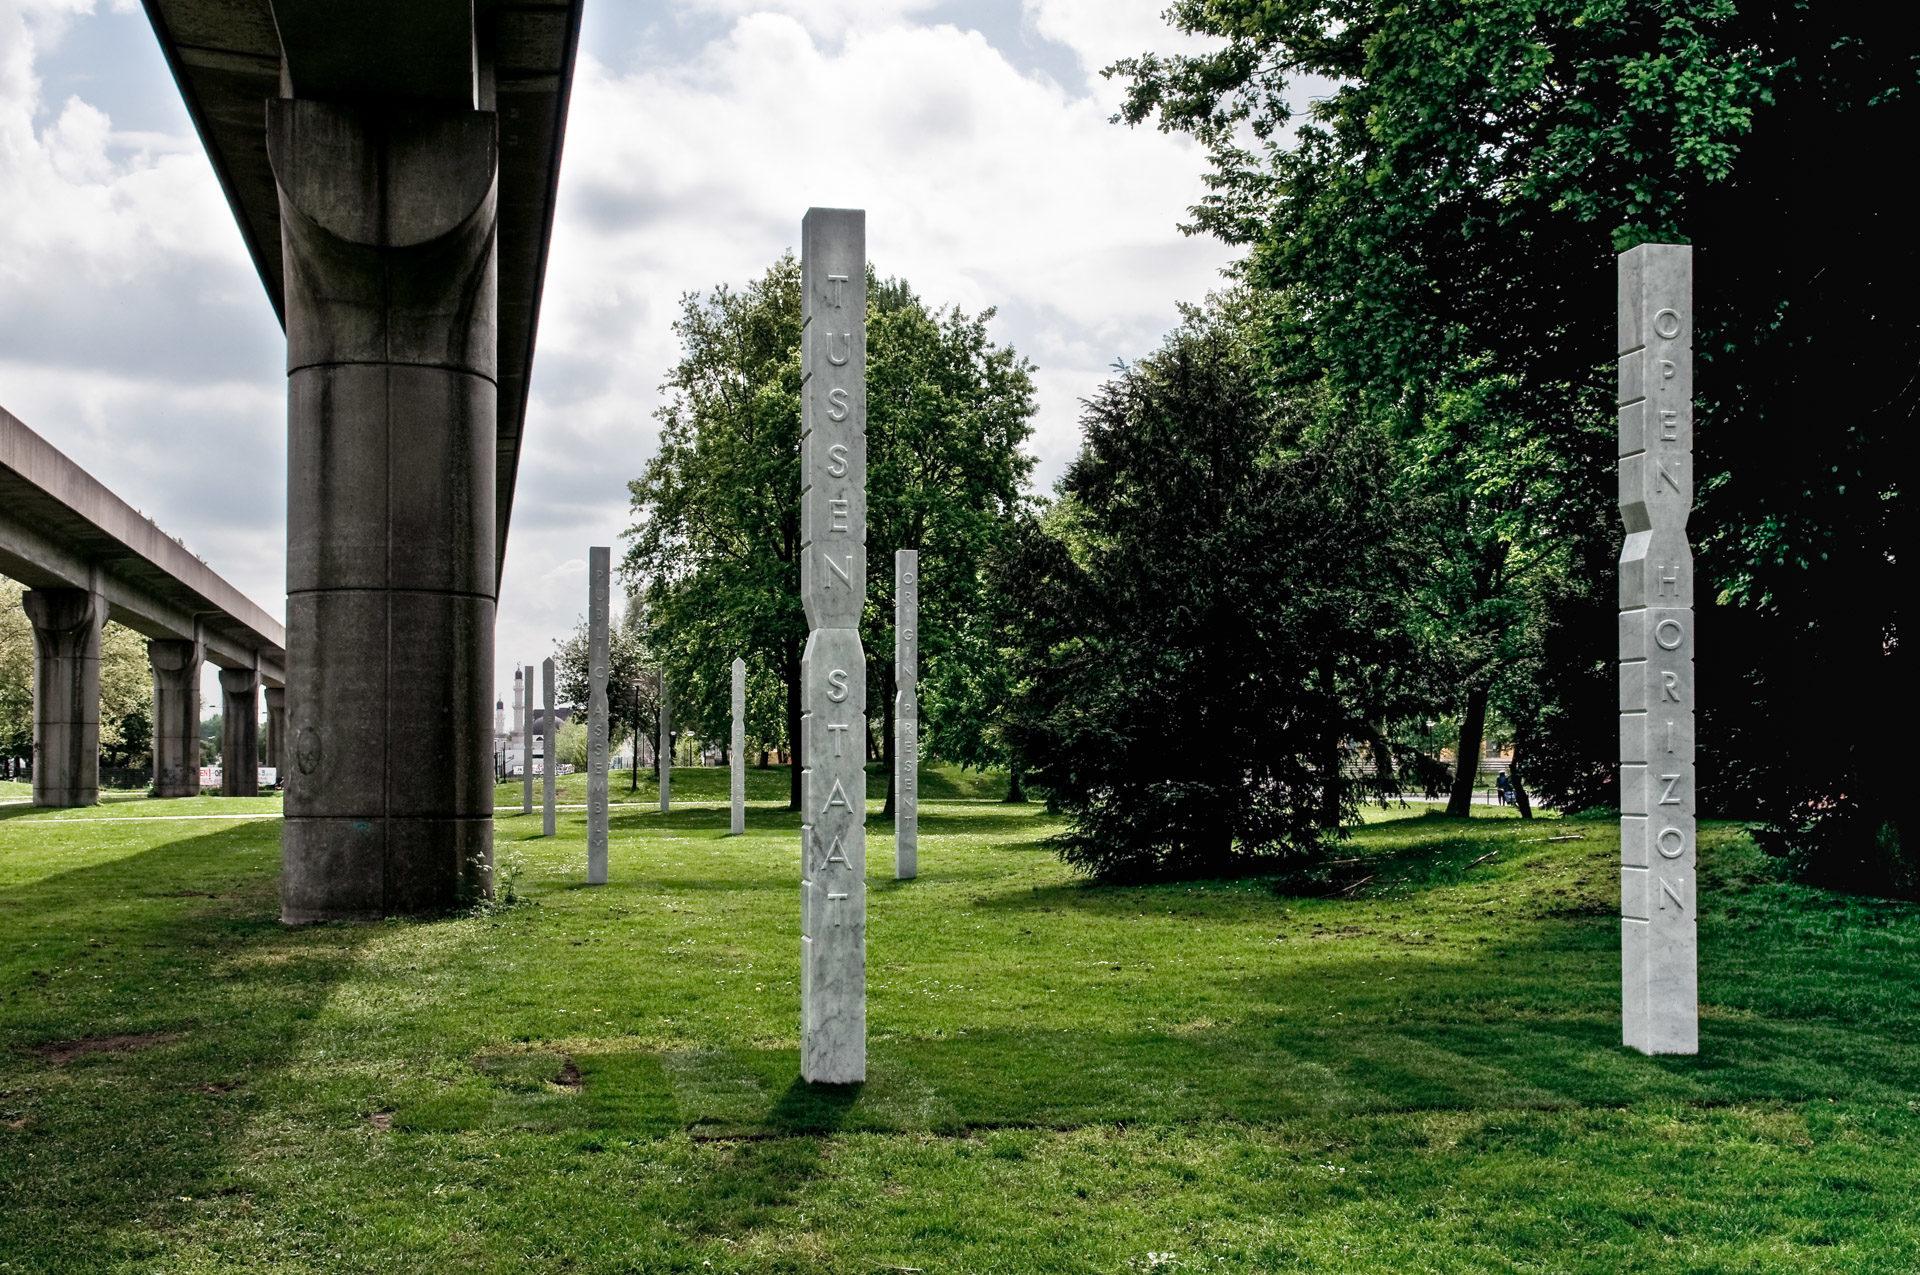 Jennifer Tee, Totem Today. Open Source/ Straat van Sculpturen, 2009.